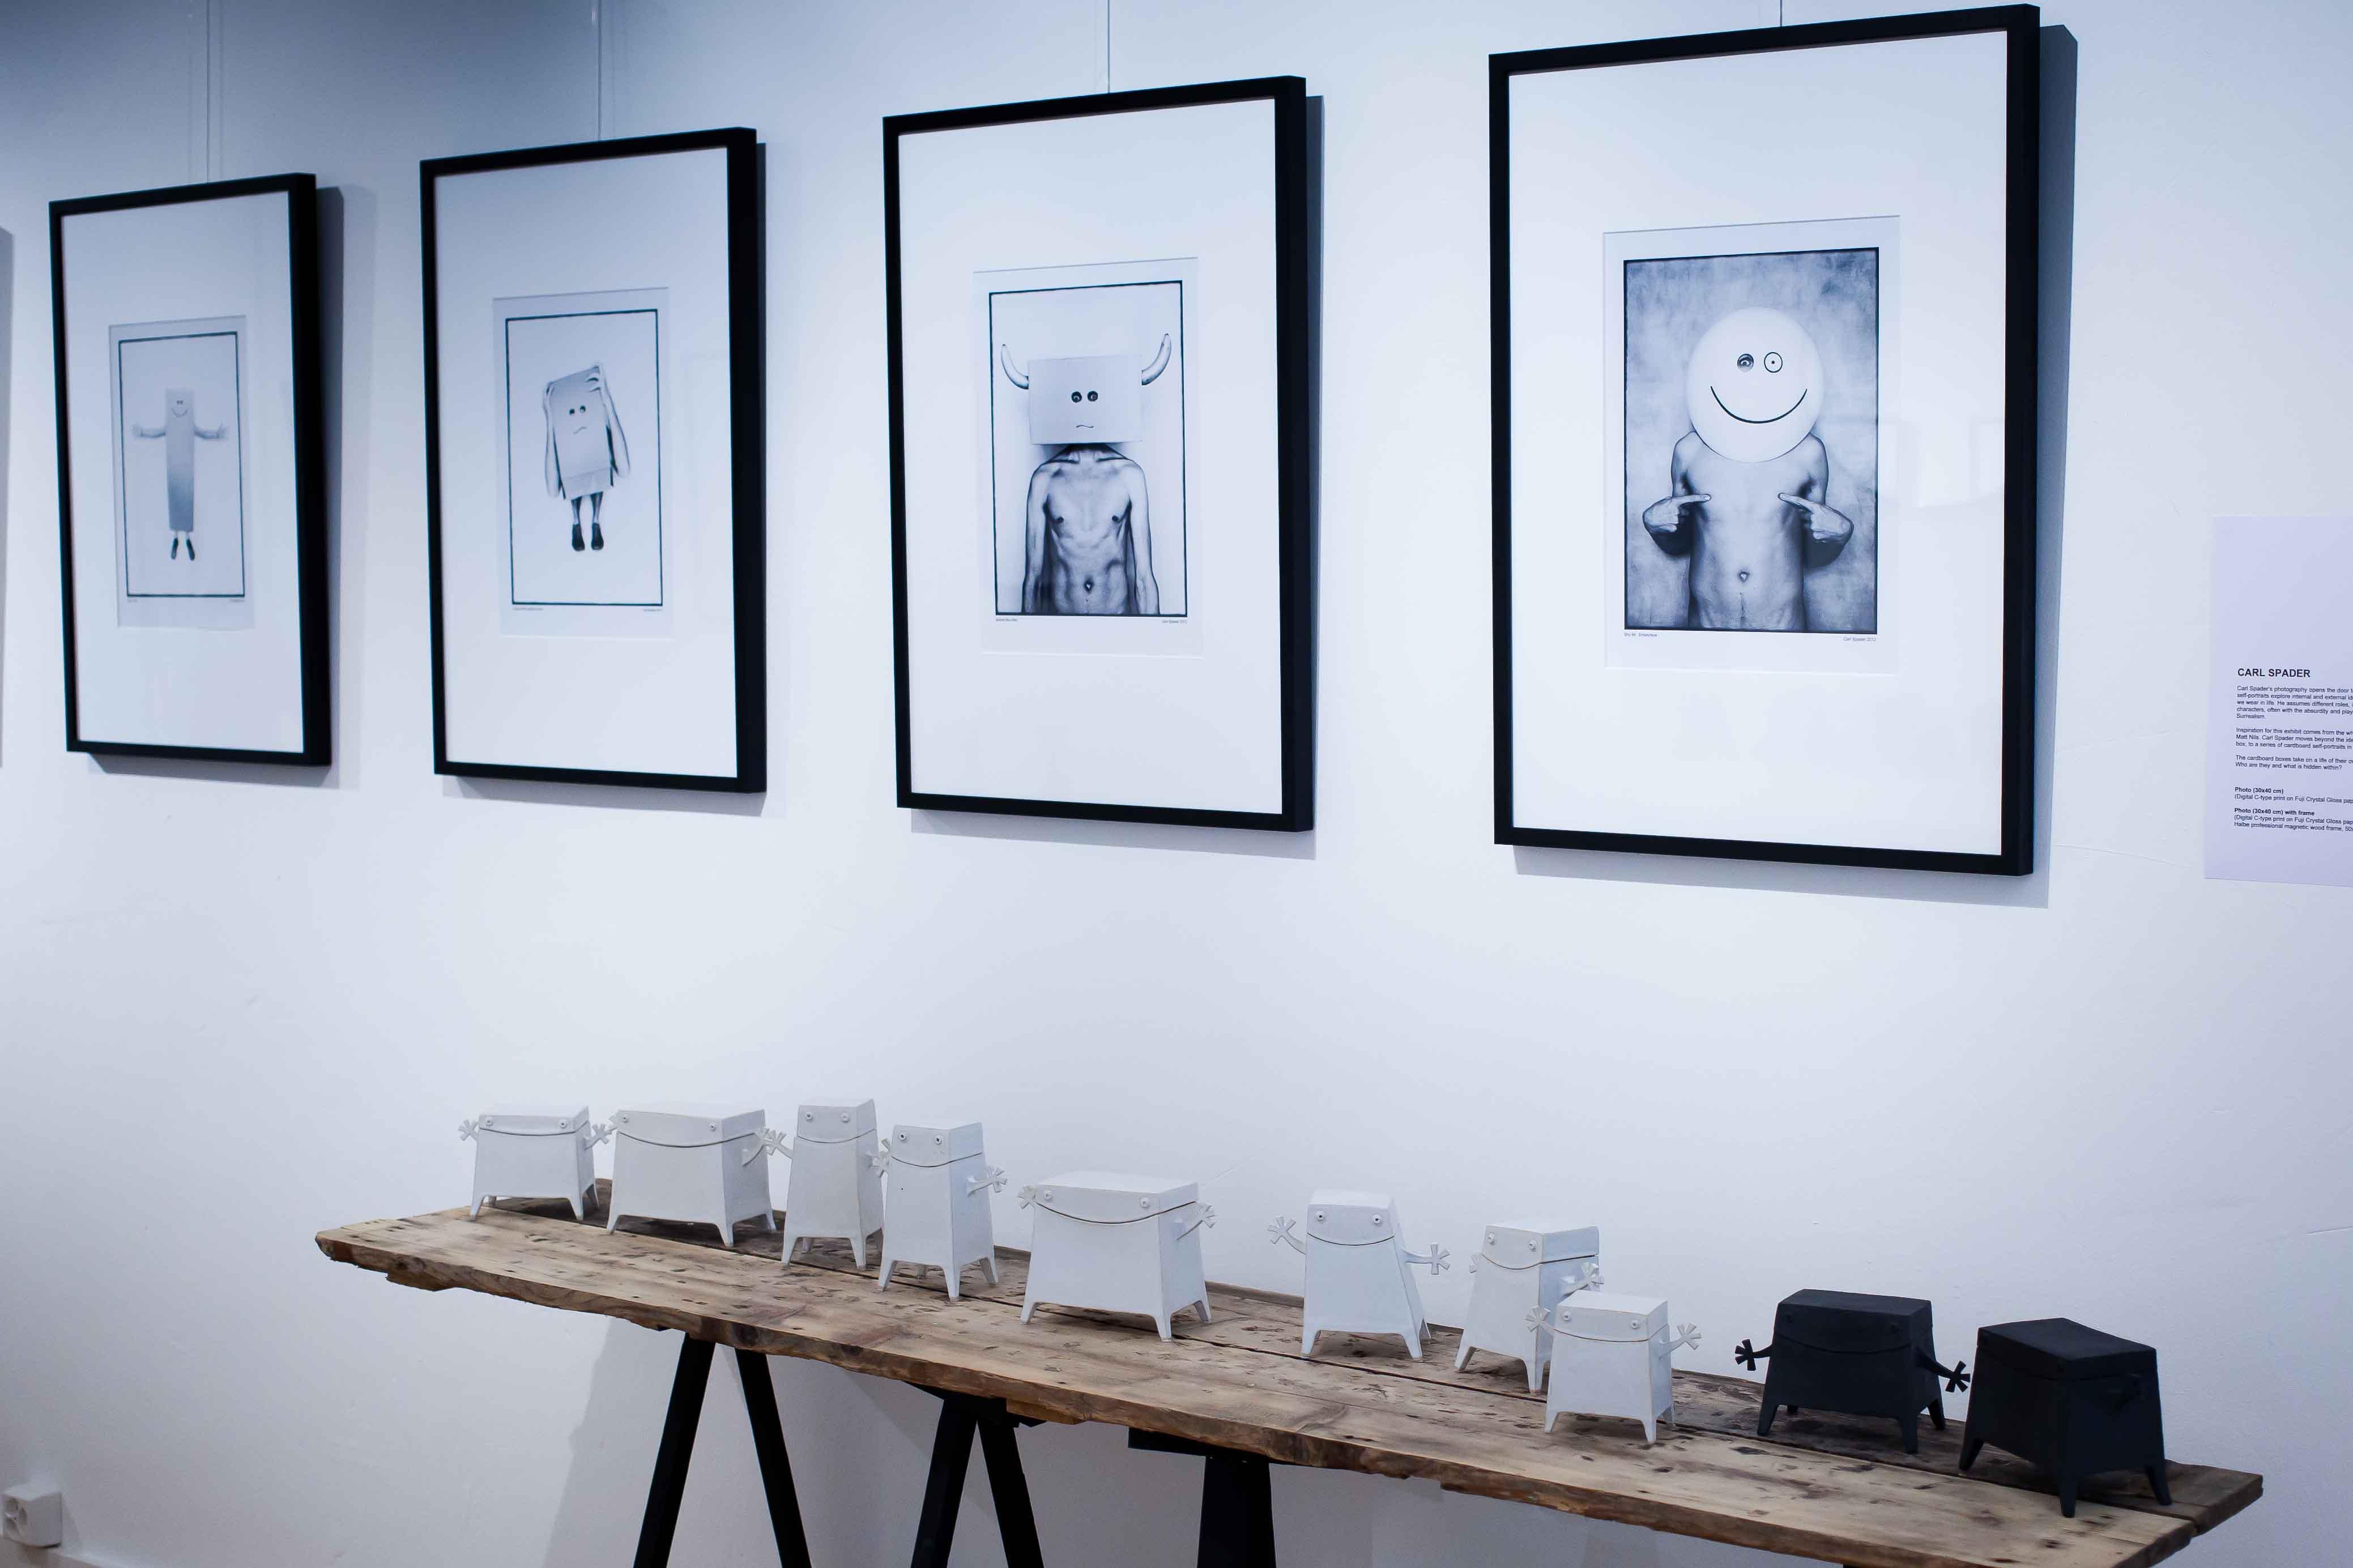 exposition d 39 art et design scandinave sign gen ve. Black Bedroom Furniture Sets. Home Design Ideas